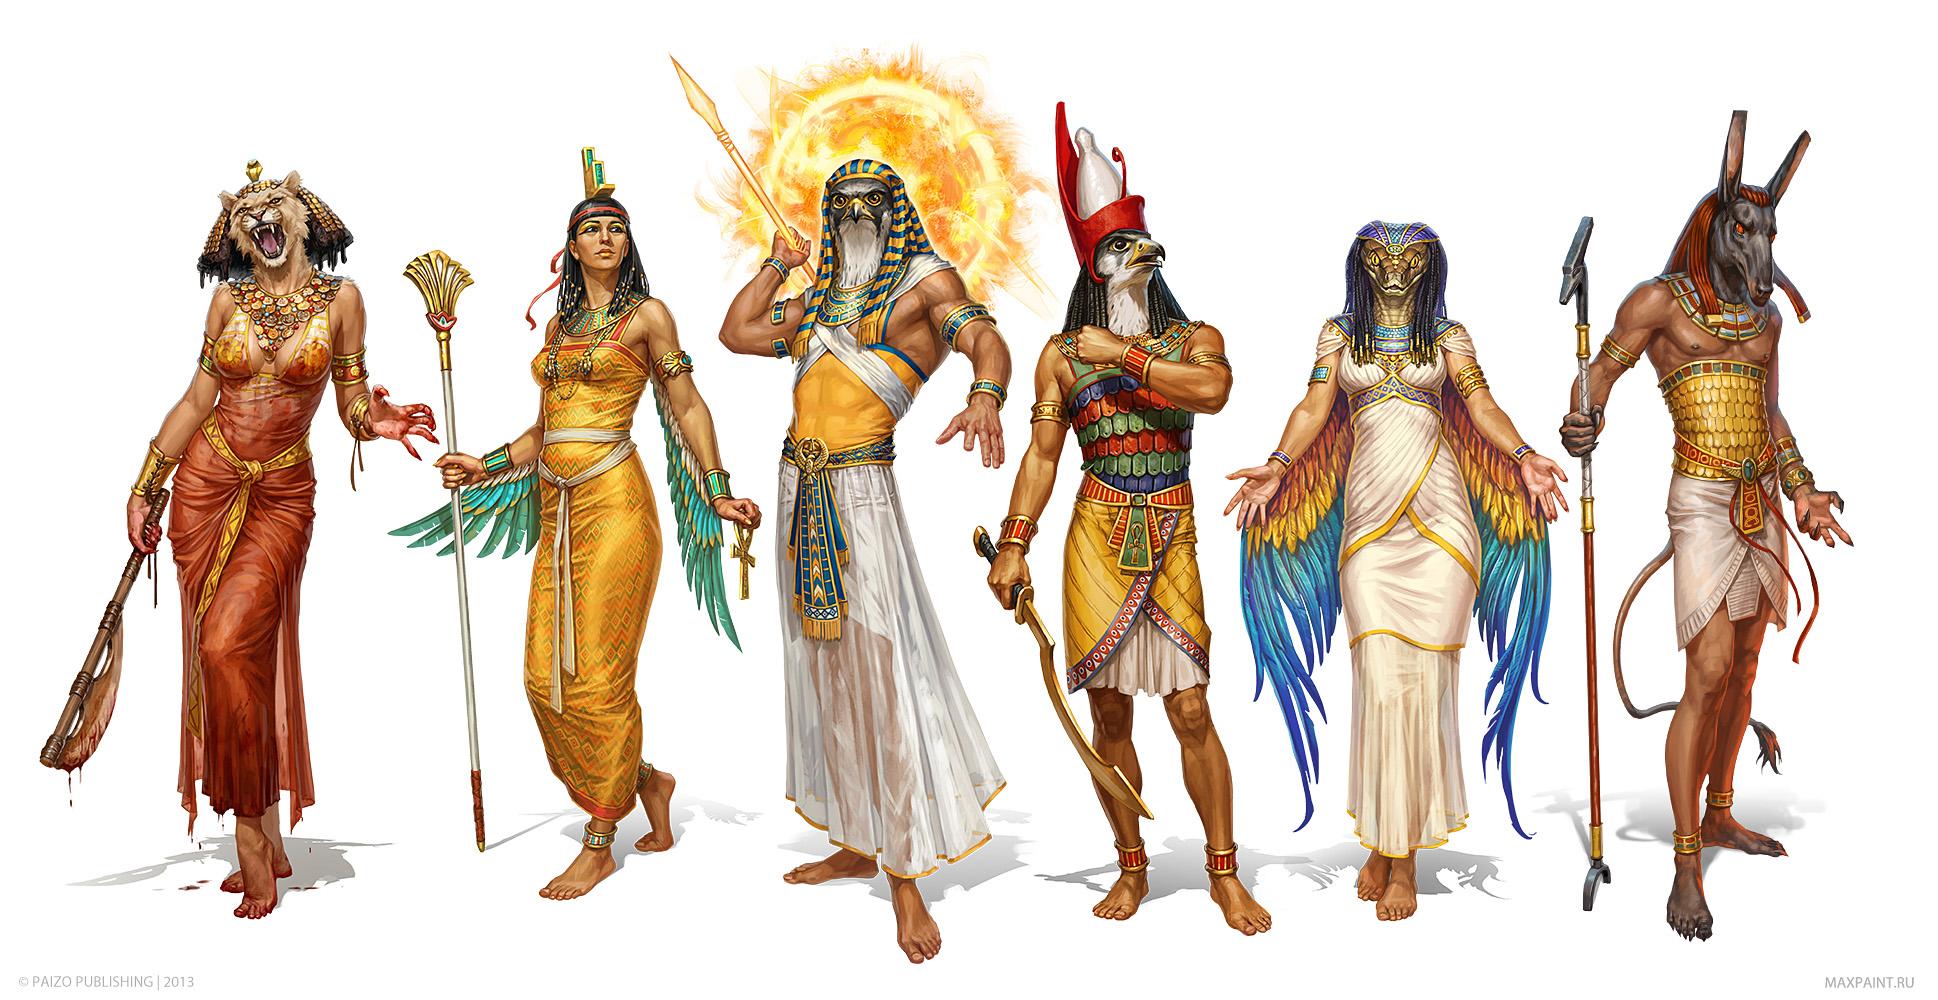 Fisiologia de Divindade Egípcia